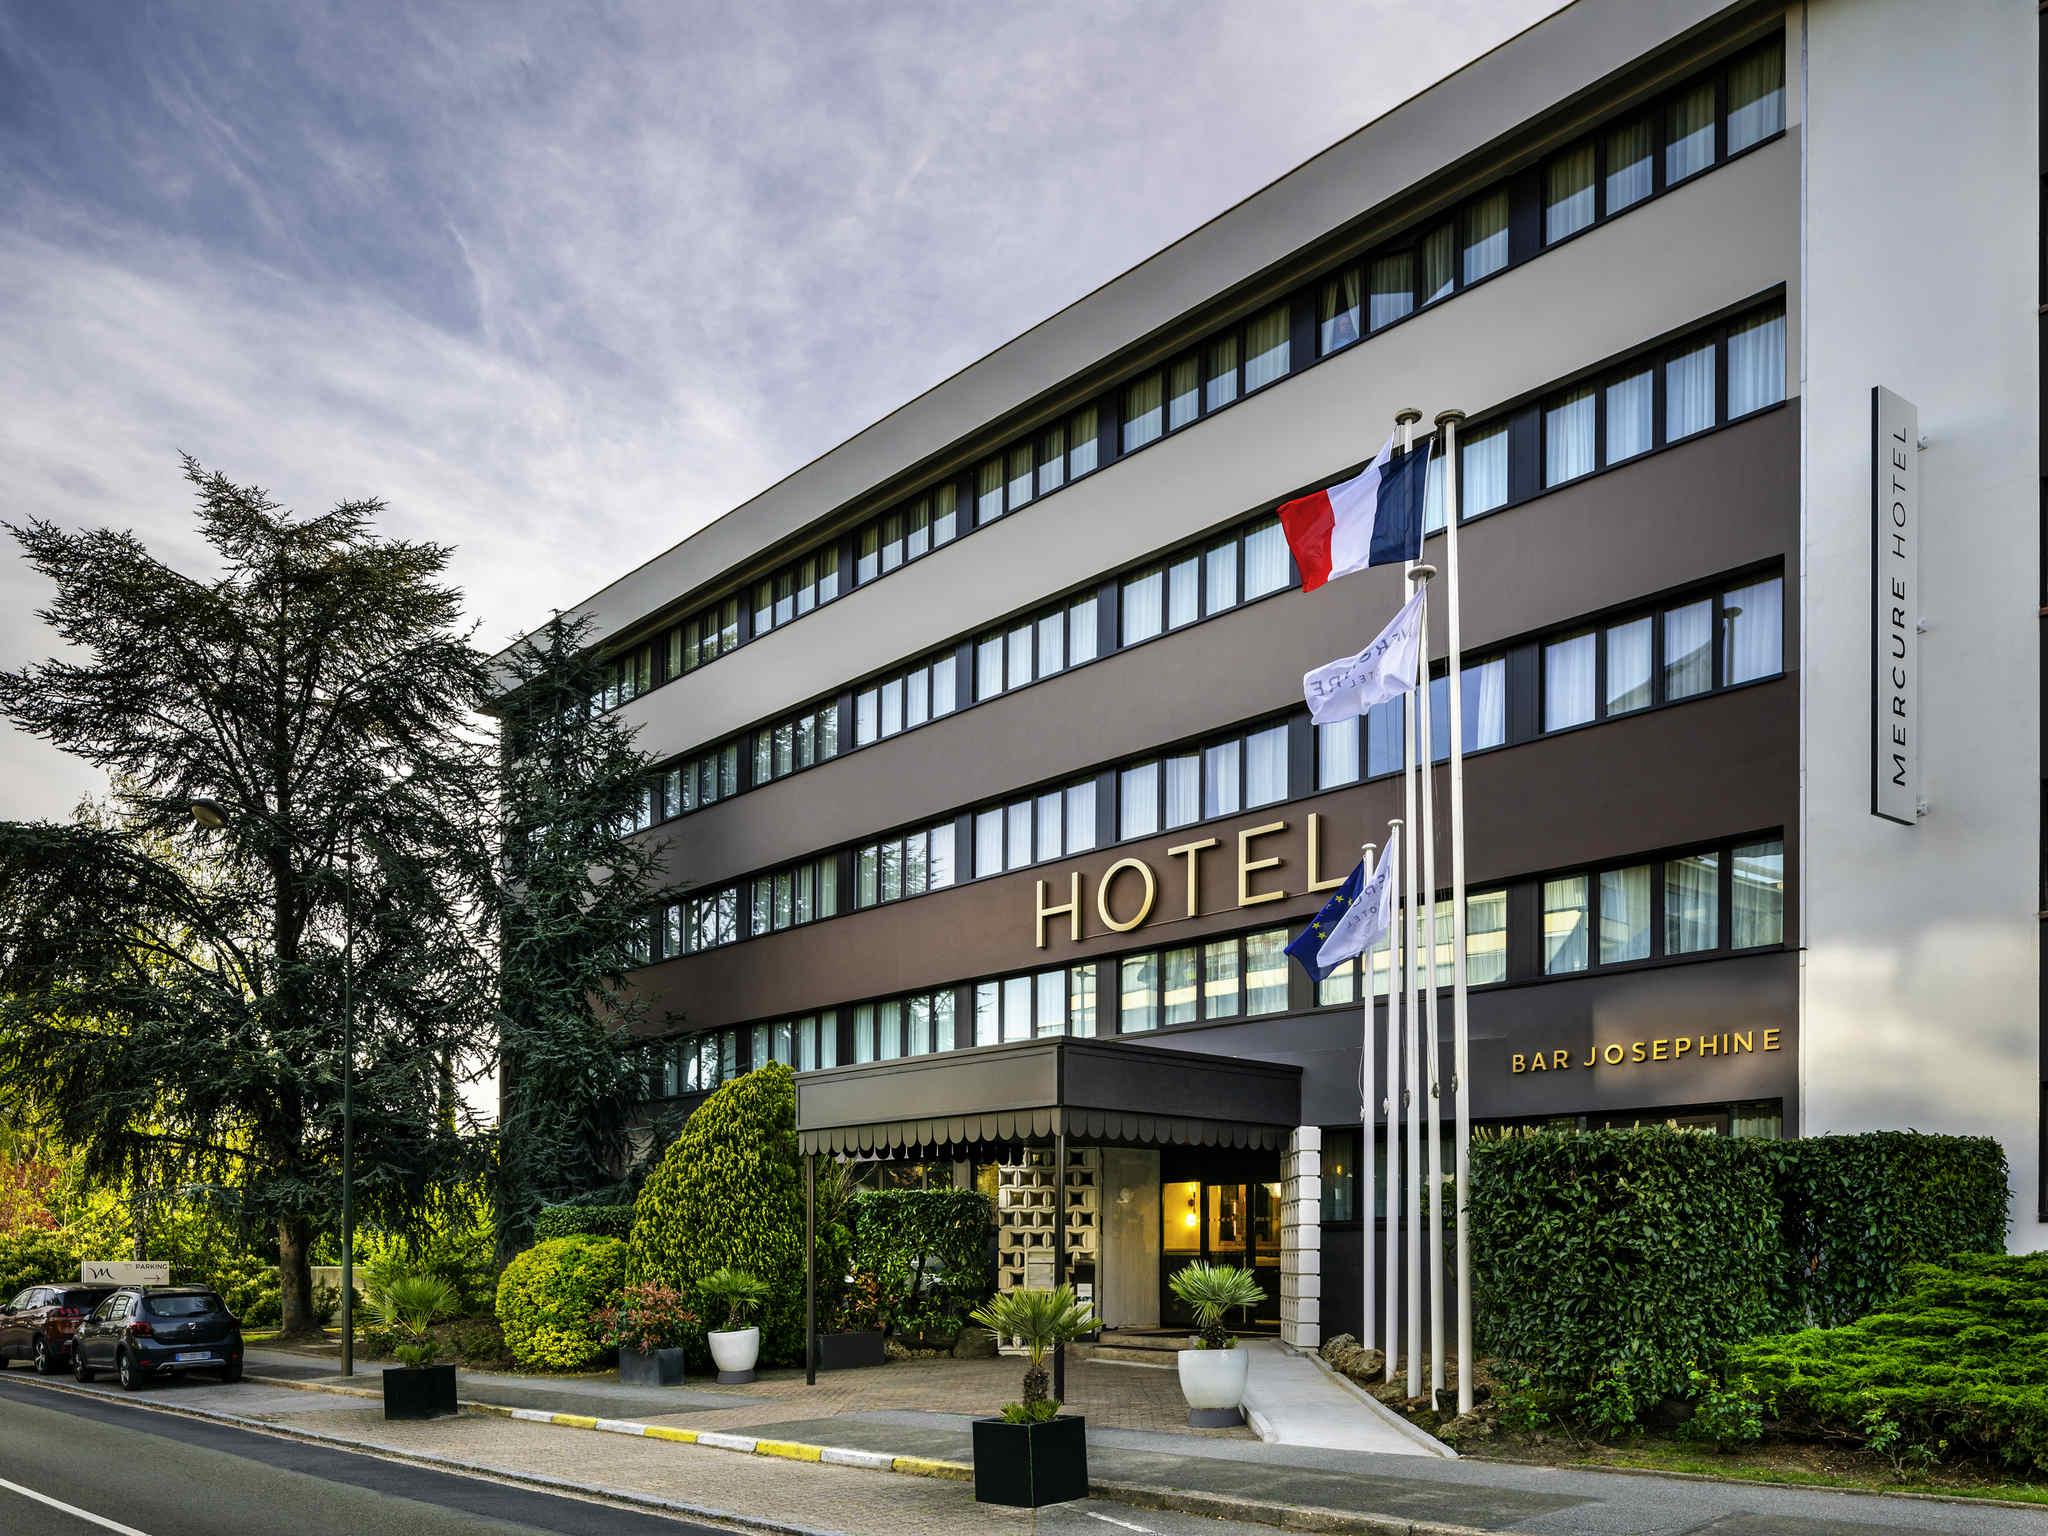 酒店 – 凡尔赛帕尔利 2 号美居酒店